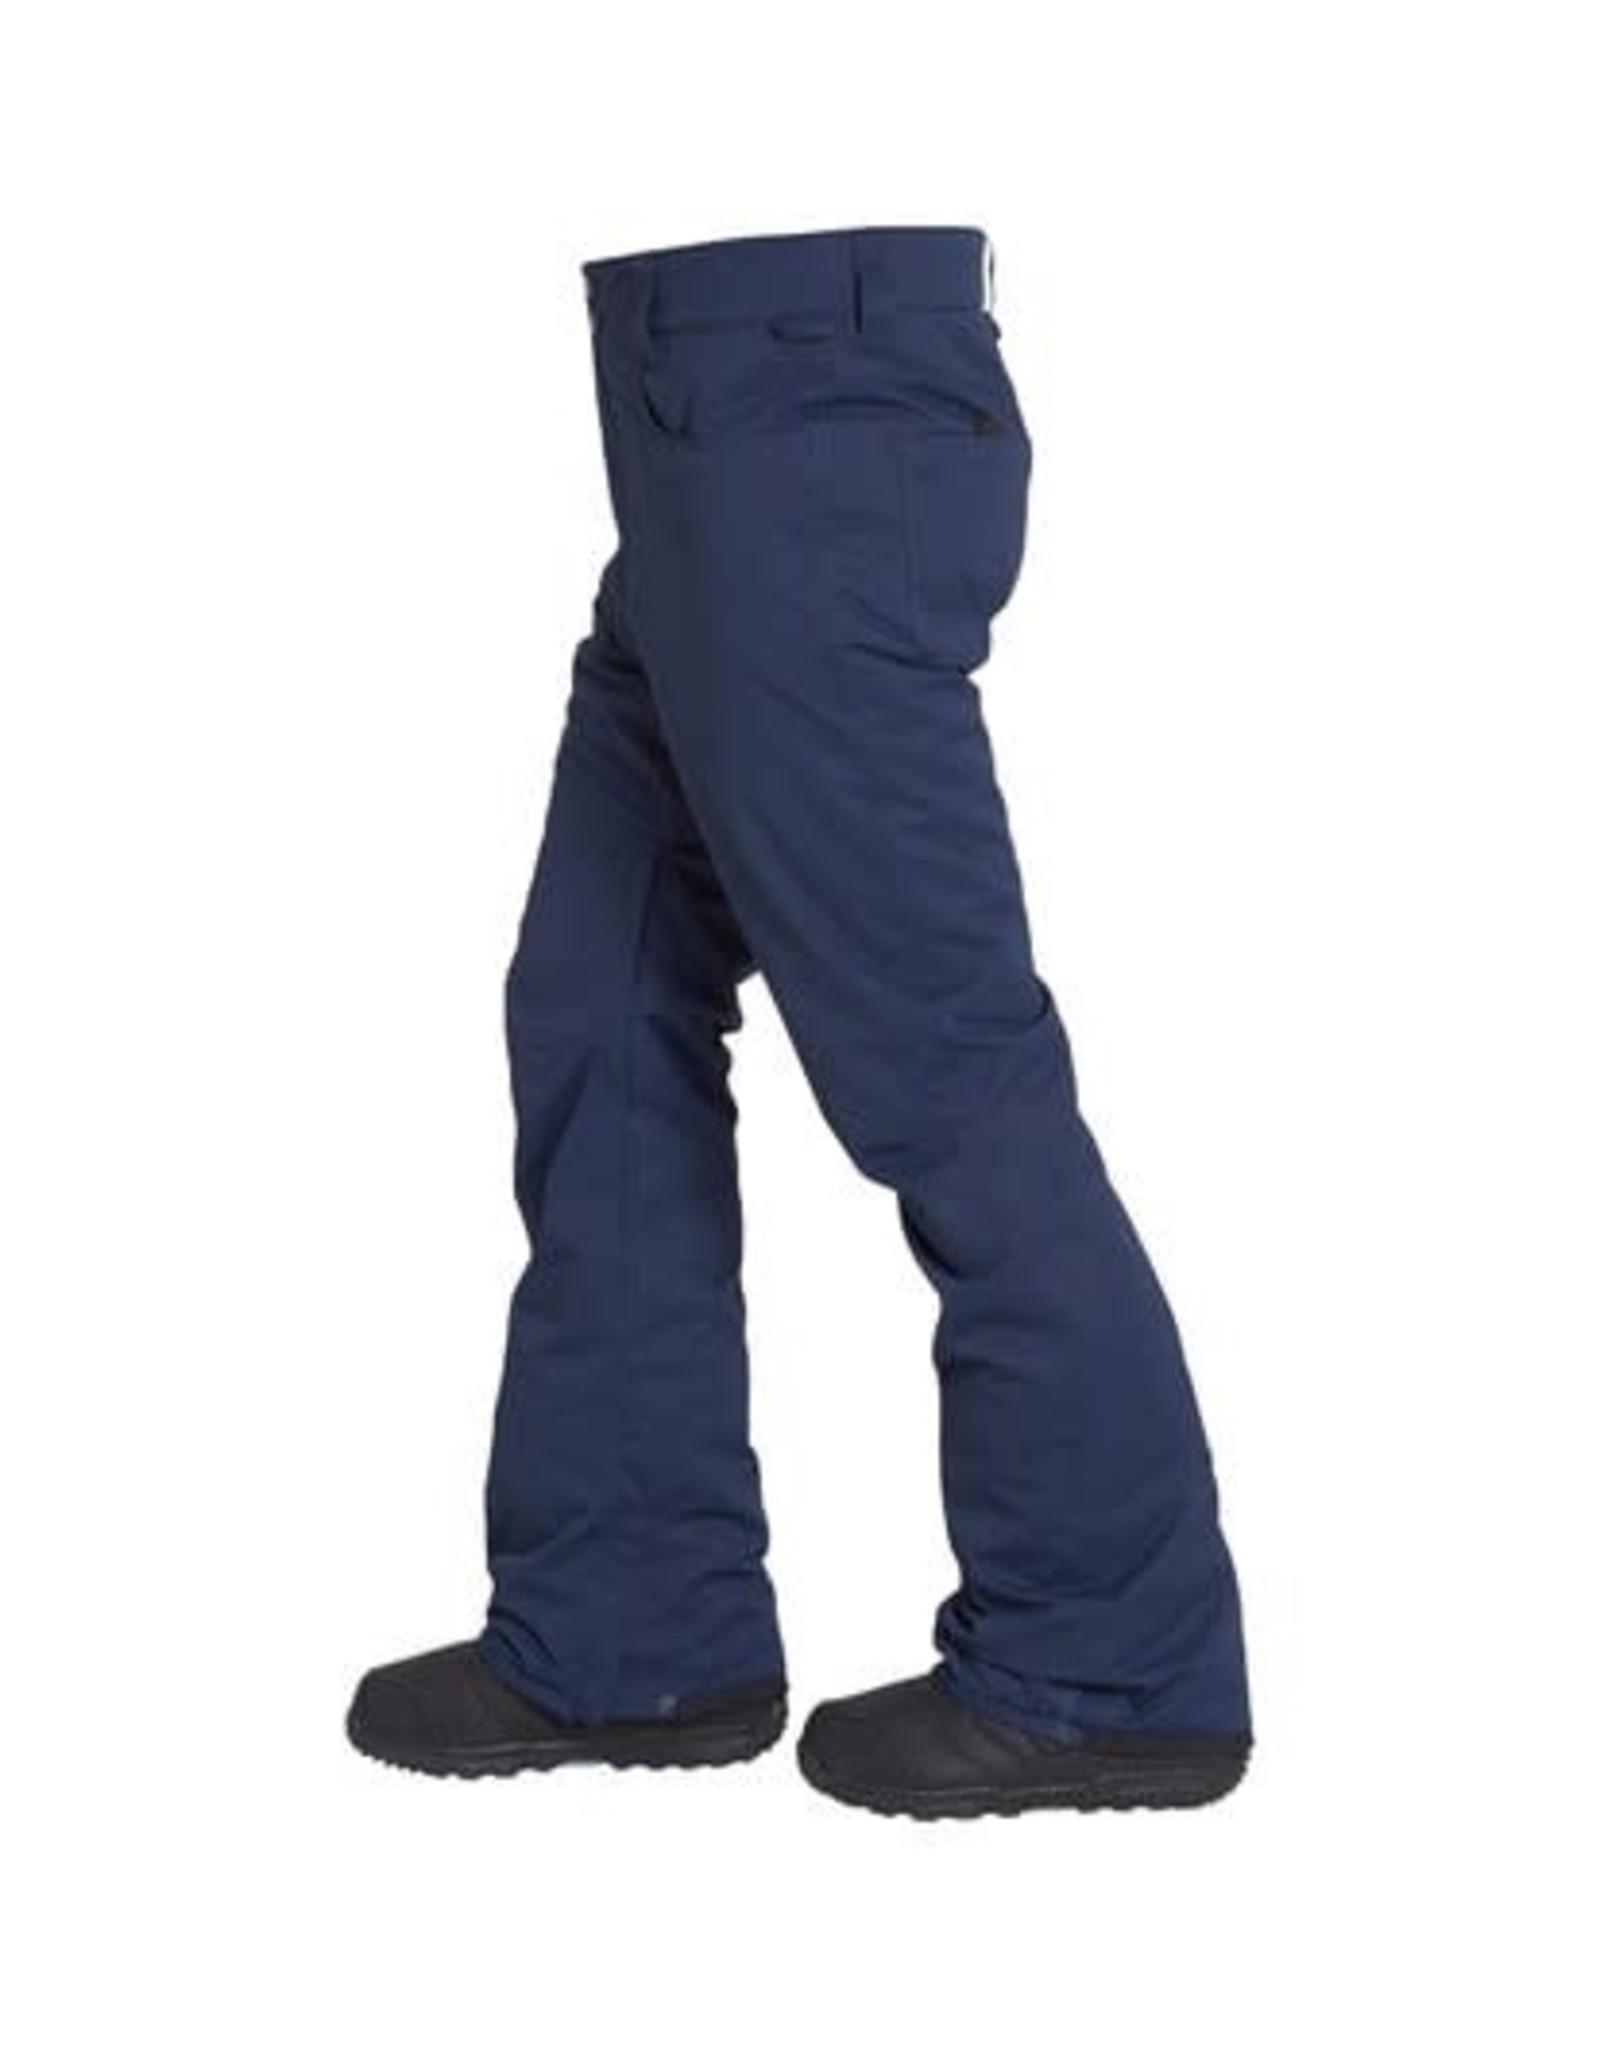 billabong Billabong - pantalon snowboard outsider